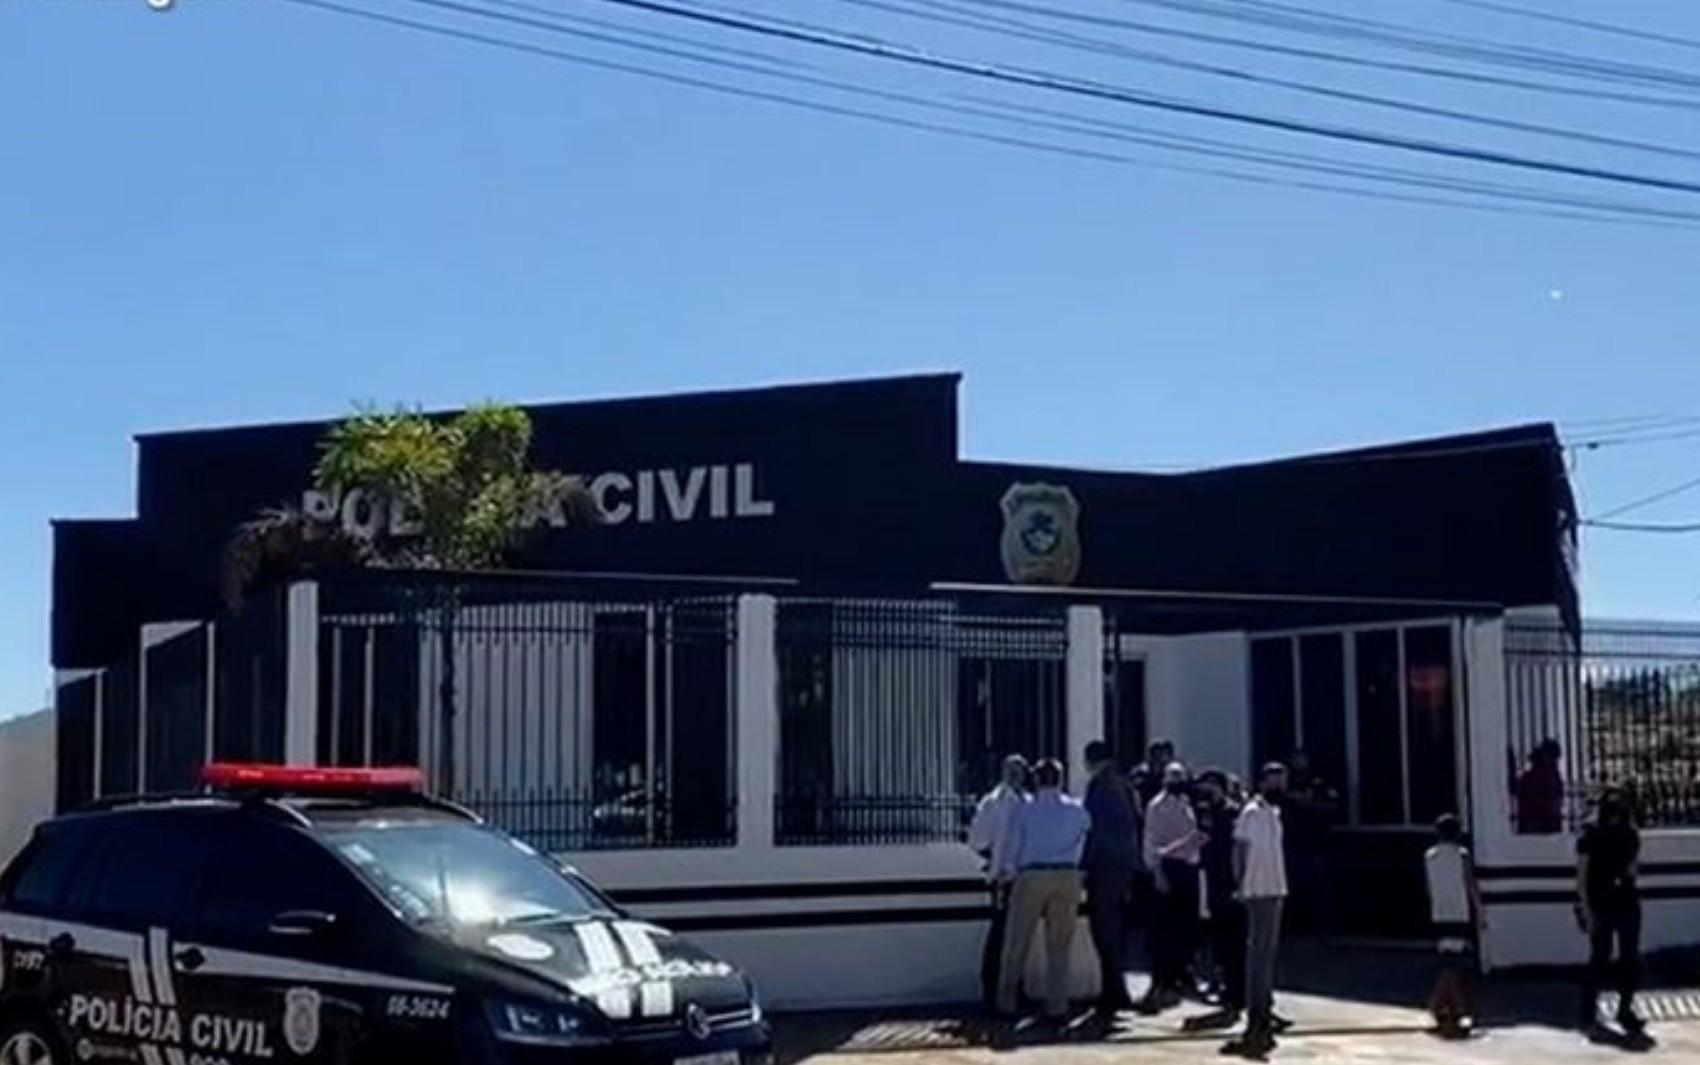 Homem é suspeito de matar o atual namorado da ex a tiros, em Bela Vista de Goiás